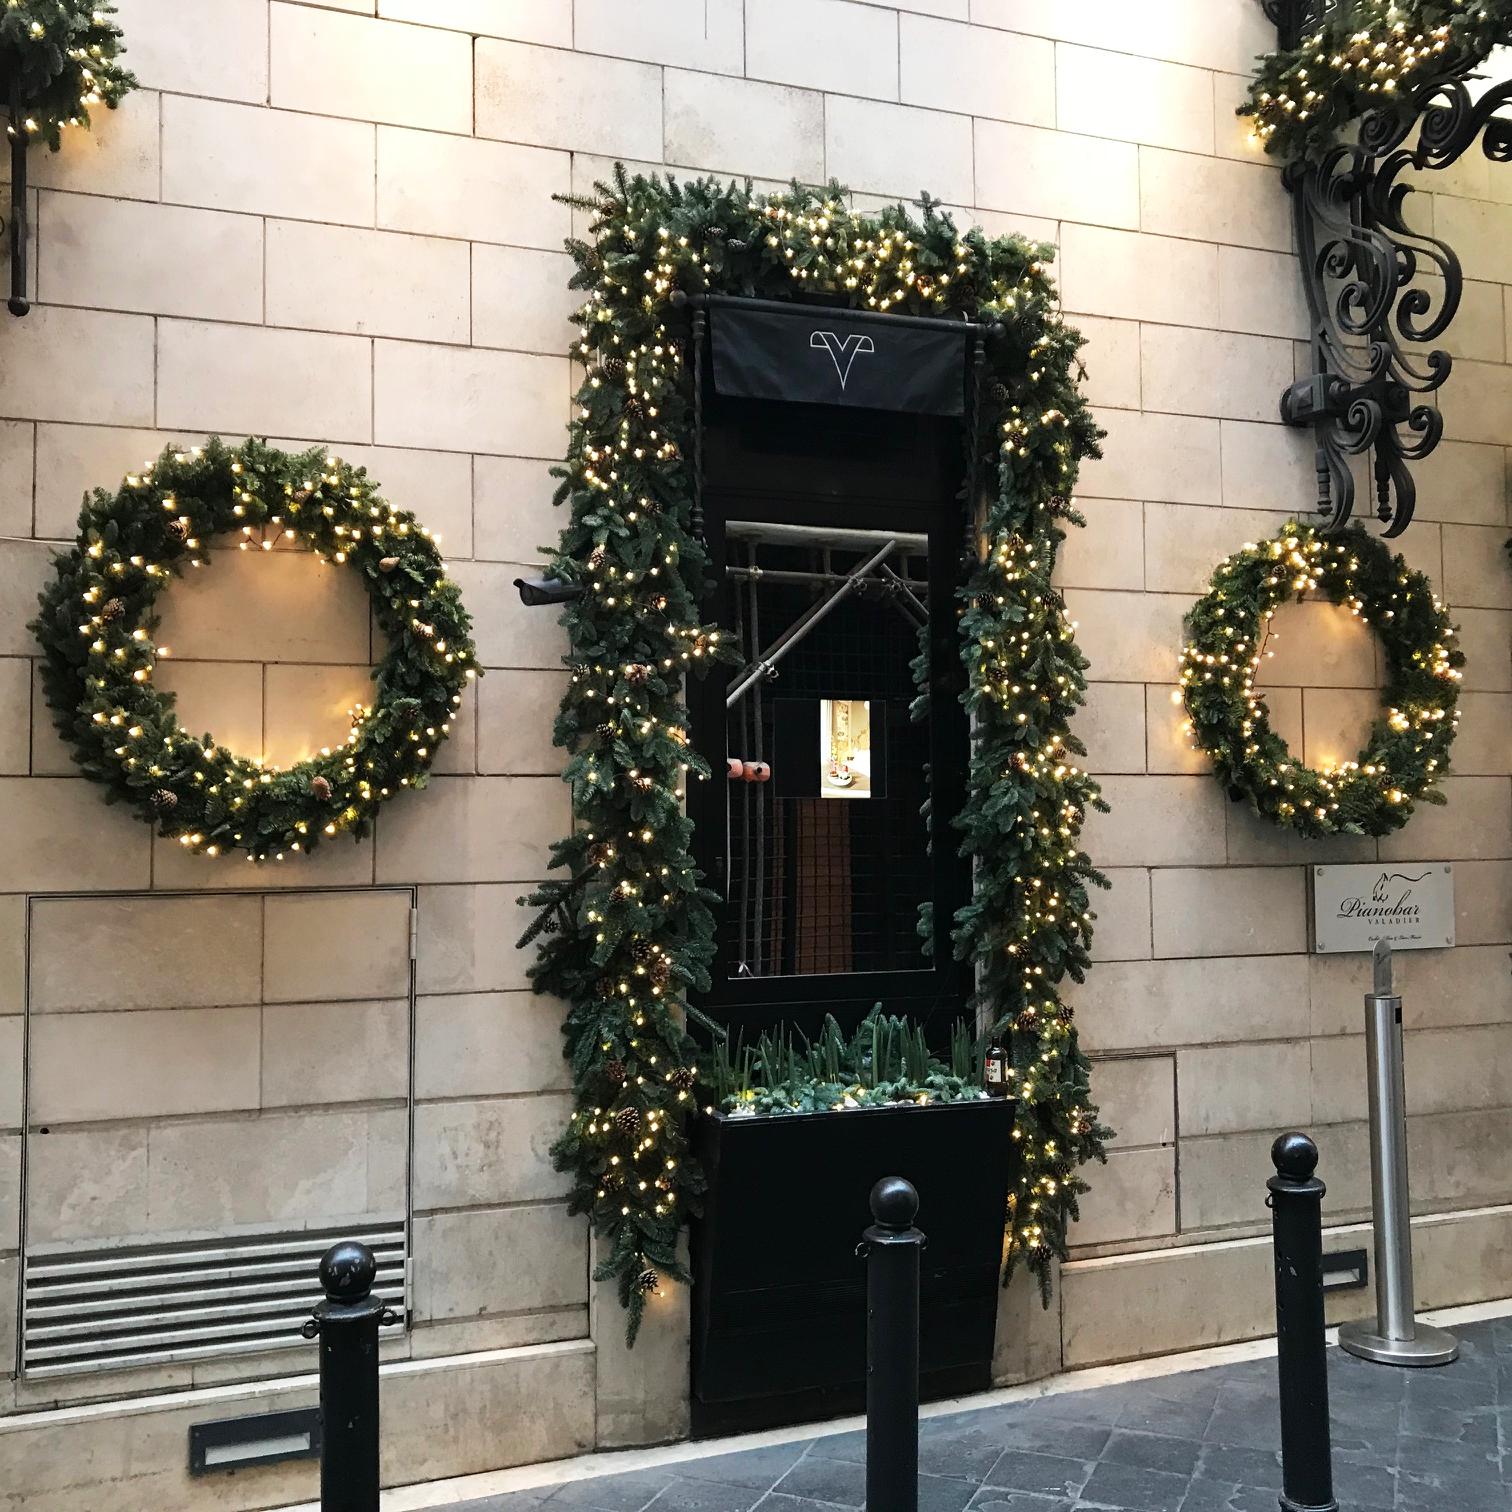 Decorazioni Natalizie Per Vetrine Negozi.Decorazioni Di Natale Per Vetrine E Negozi Vendita Online Flority Fair